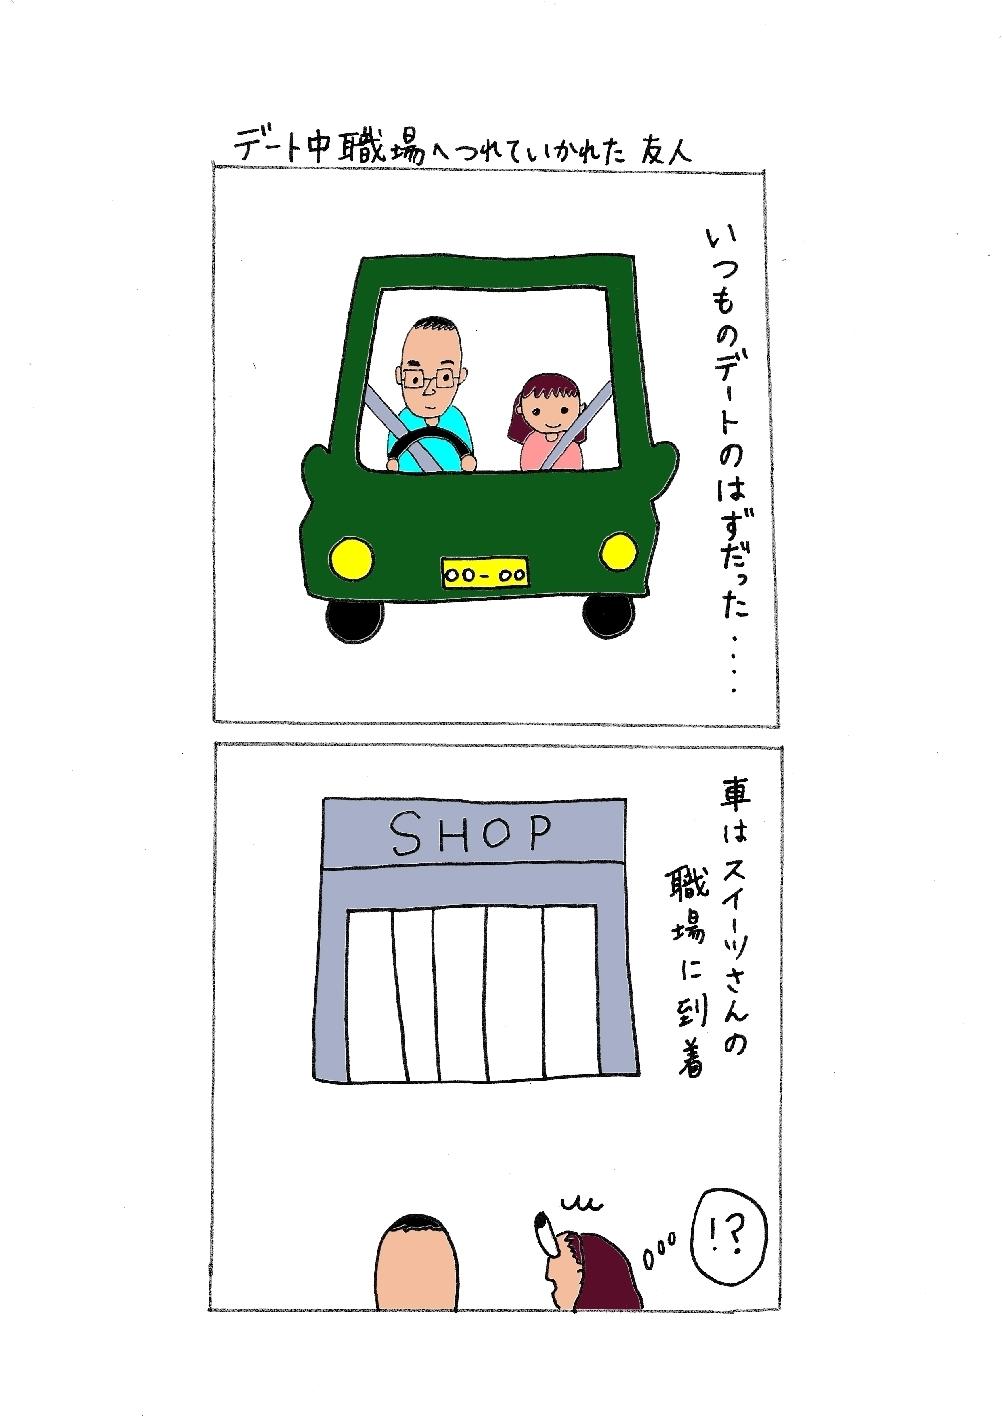 職場に紹介.jpg